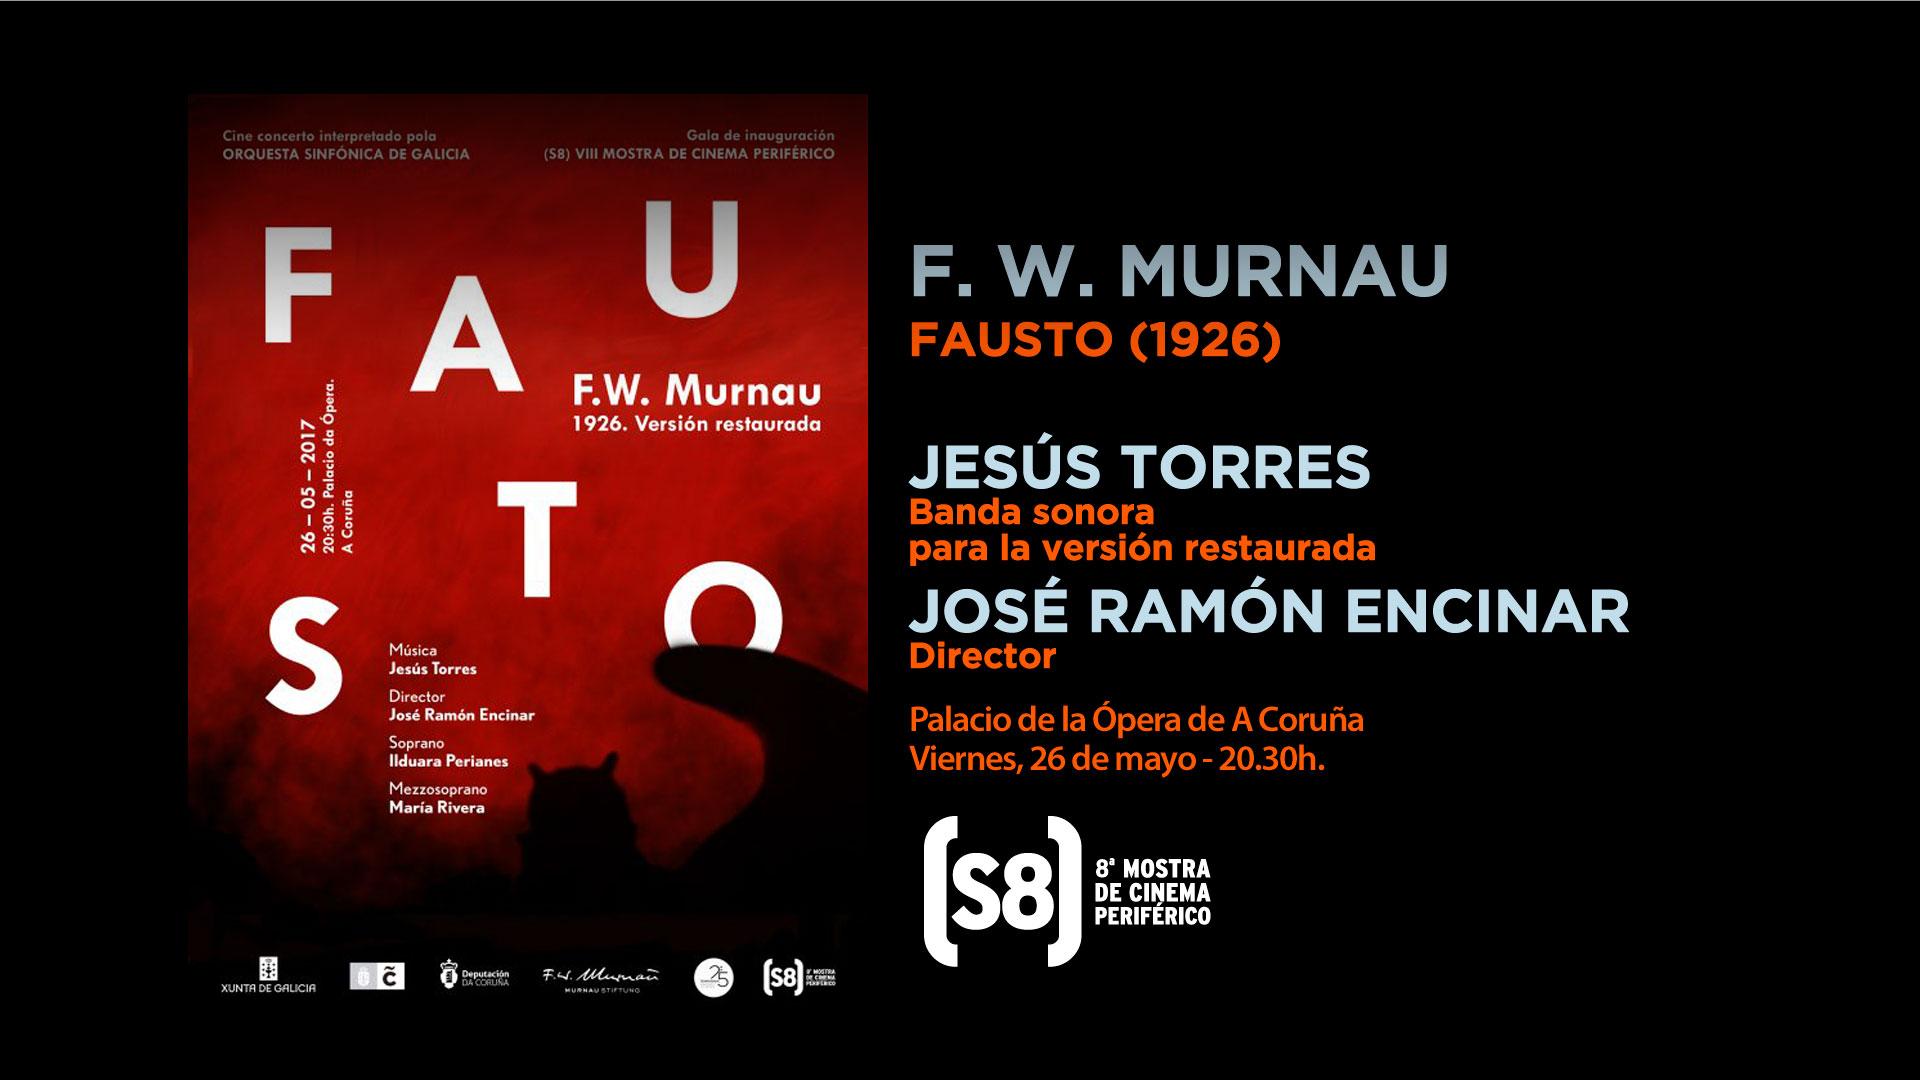 Fausto, de Murnau, inaugura en una gala de cine concierto la octava edición del (S8) Mostra de Cine Periférico con la OSG en directo